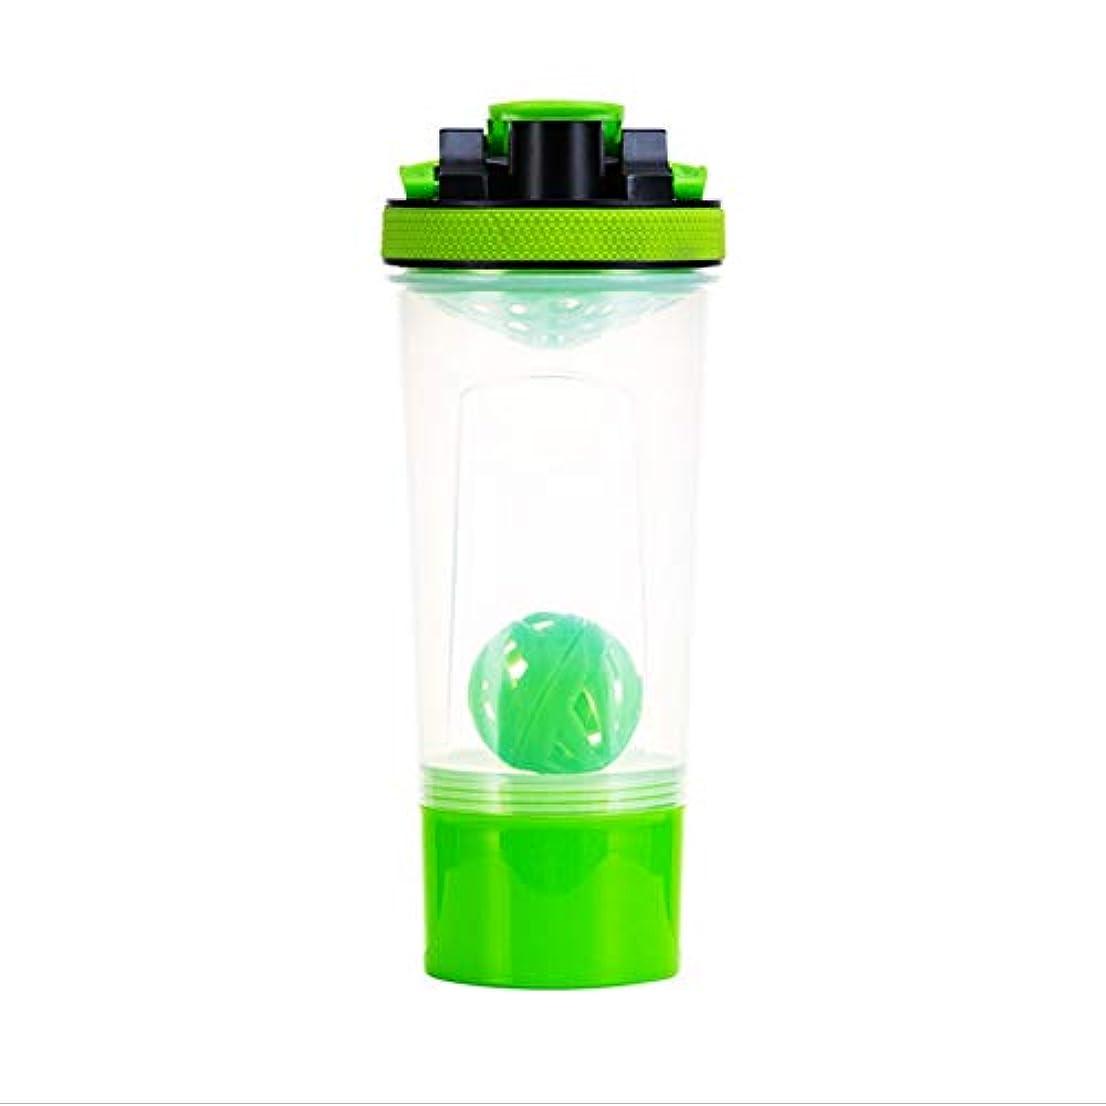 デコードするシャイニング逃れるQuner プロテインシェイカー ボトル 水筒 700ml シェーカーボトル スポーツボトル 目盛り 3層 プラスチック フィットネス ダイエット コンテナ付き サプリケース